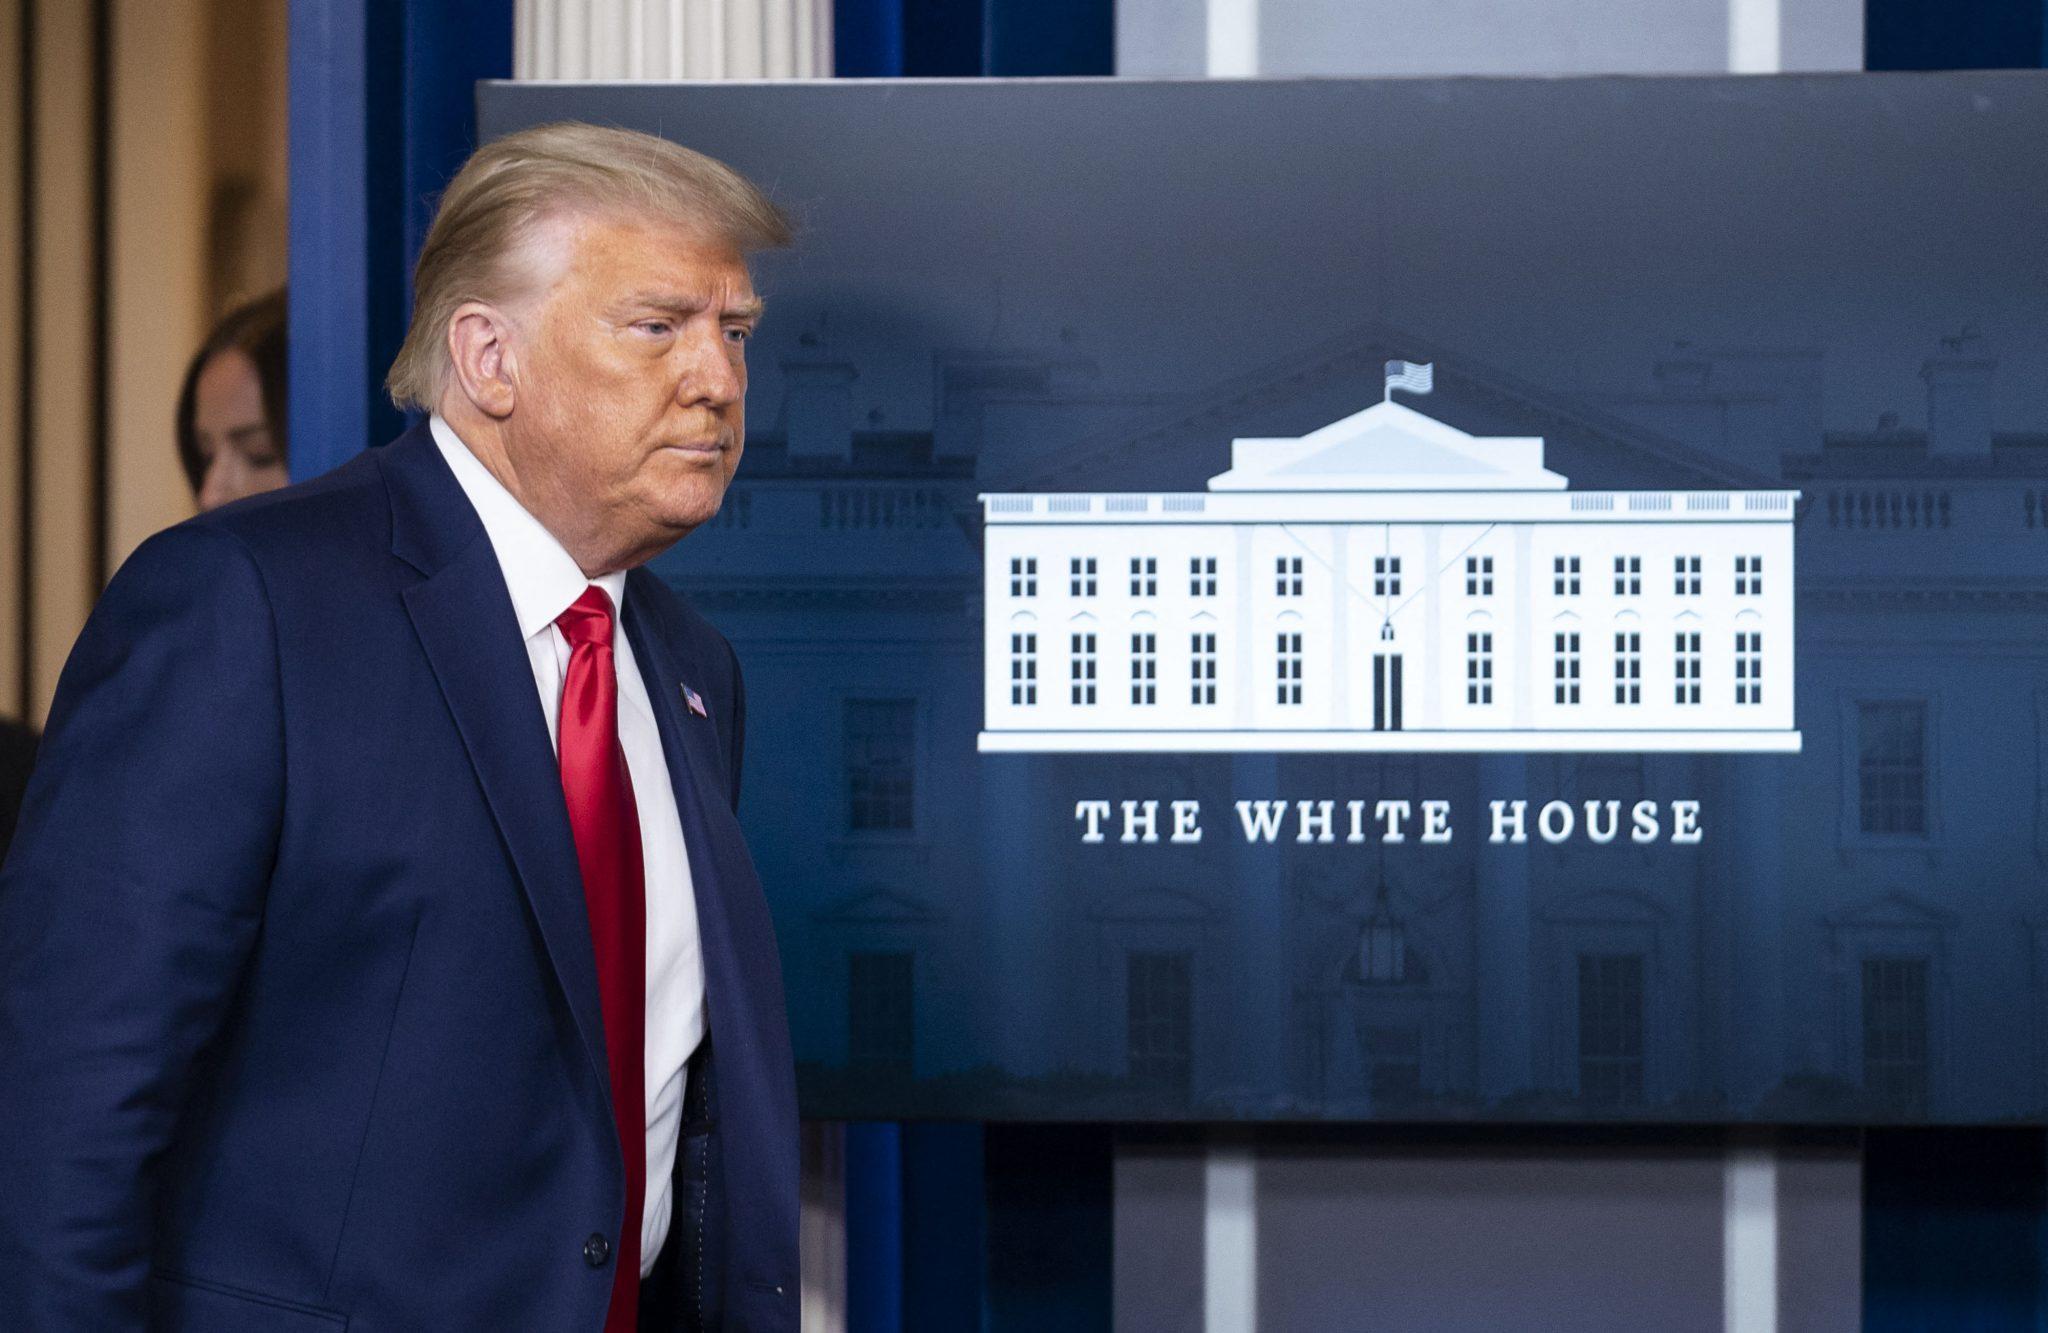 Geschäftspartner rücken von US-Präsident Donald Trump ab Foto: picture alliance / abaca | Pool/ABACA